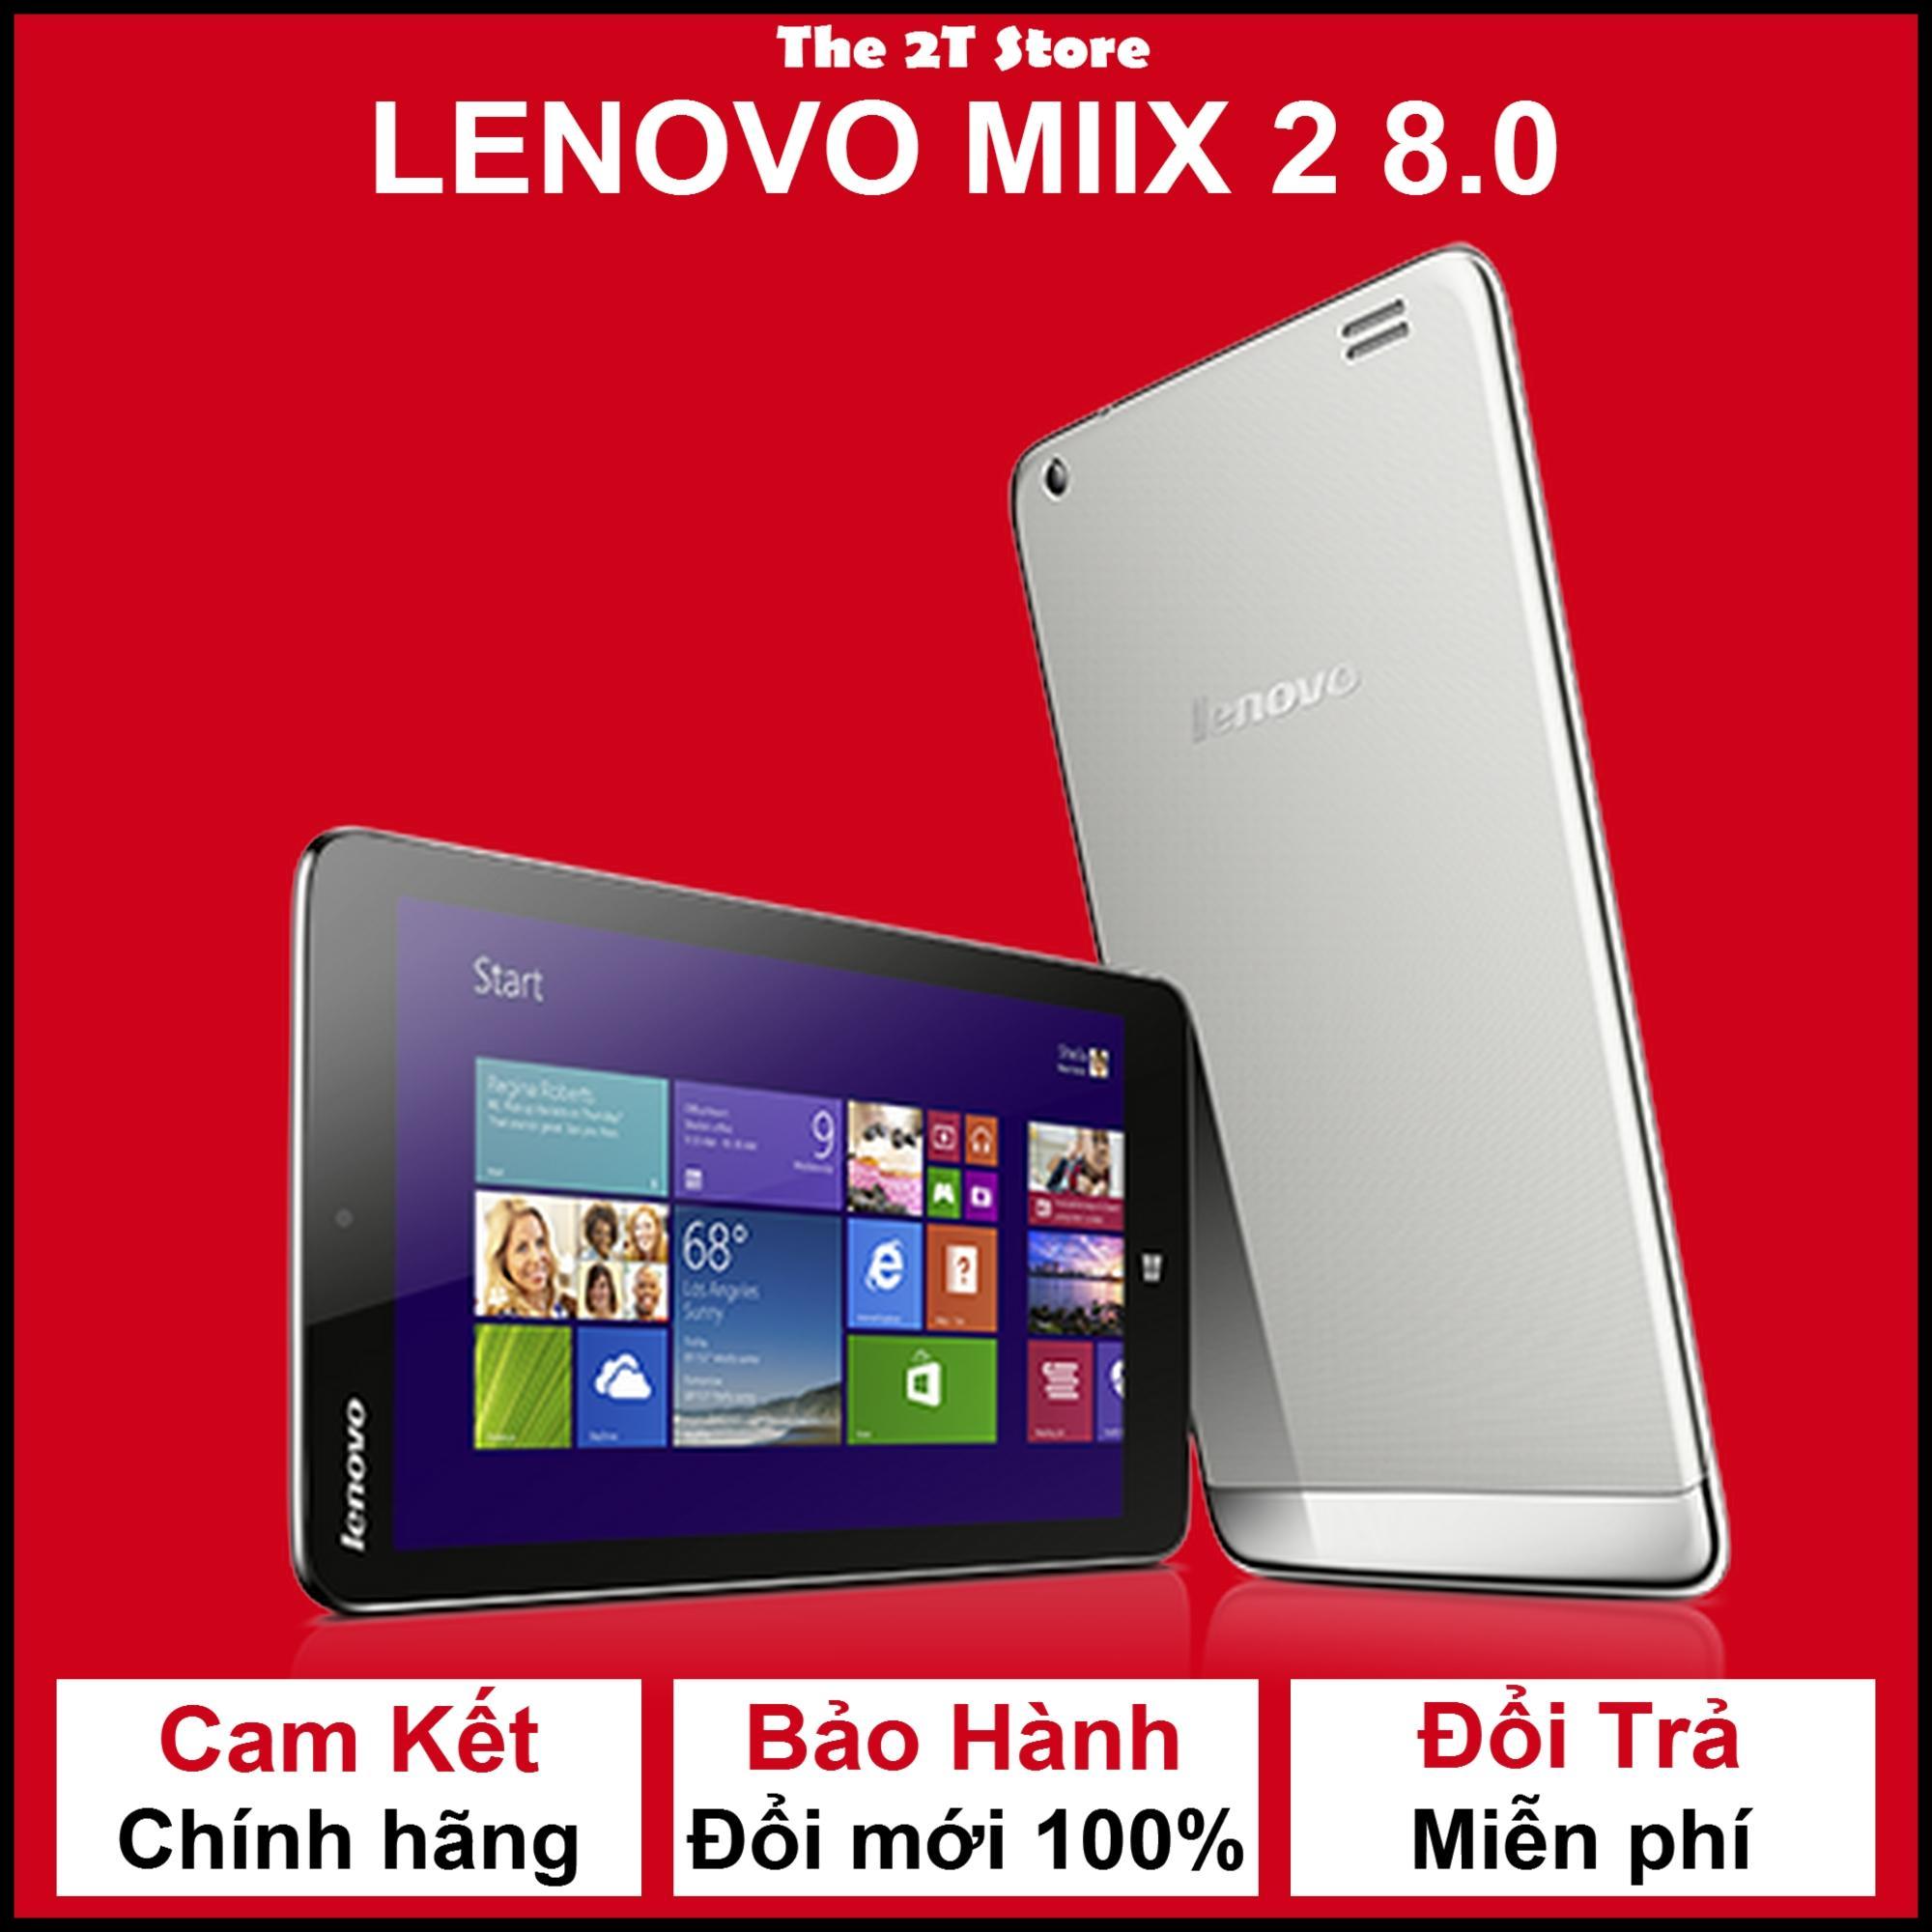 Hình ảnh Máy tính bảng LenovoMiix 3 8.0 (3G+Wifi) (Màu đen) (Hàng xách tay)